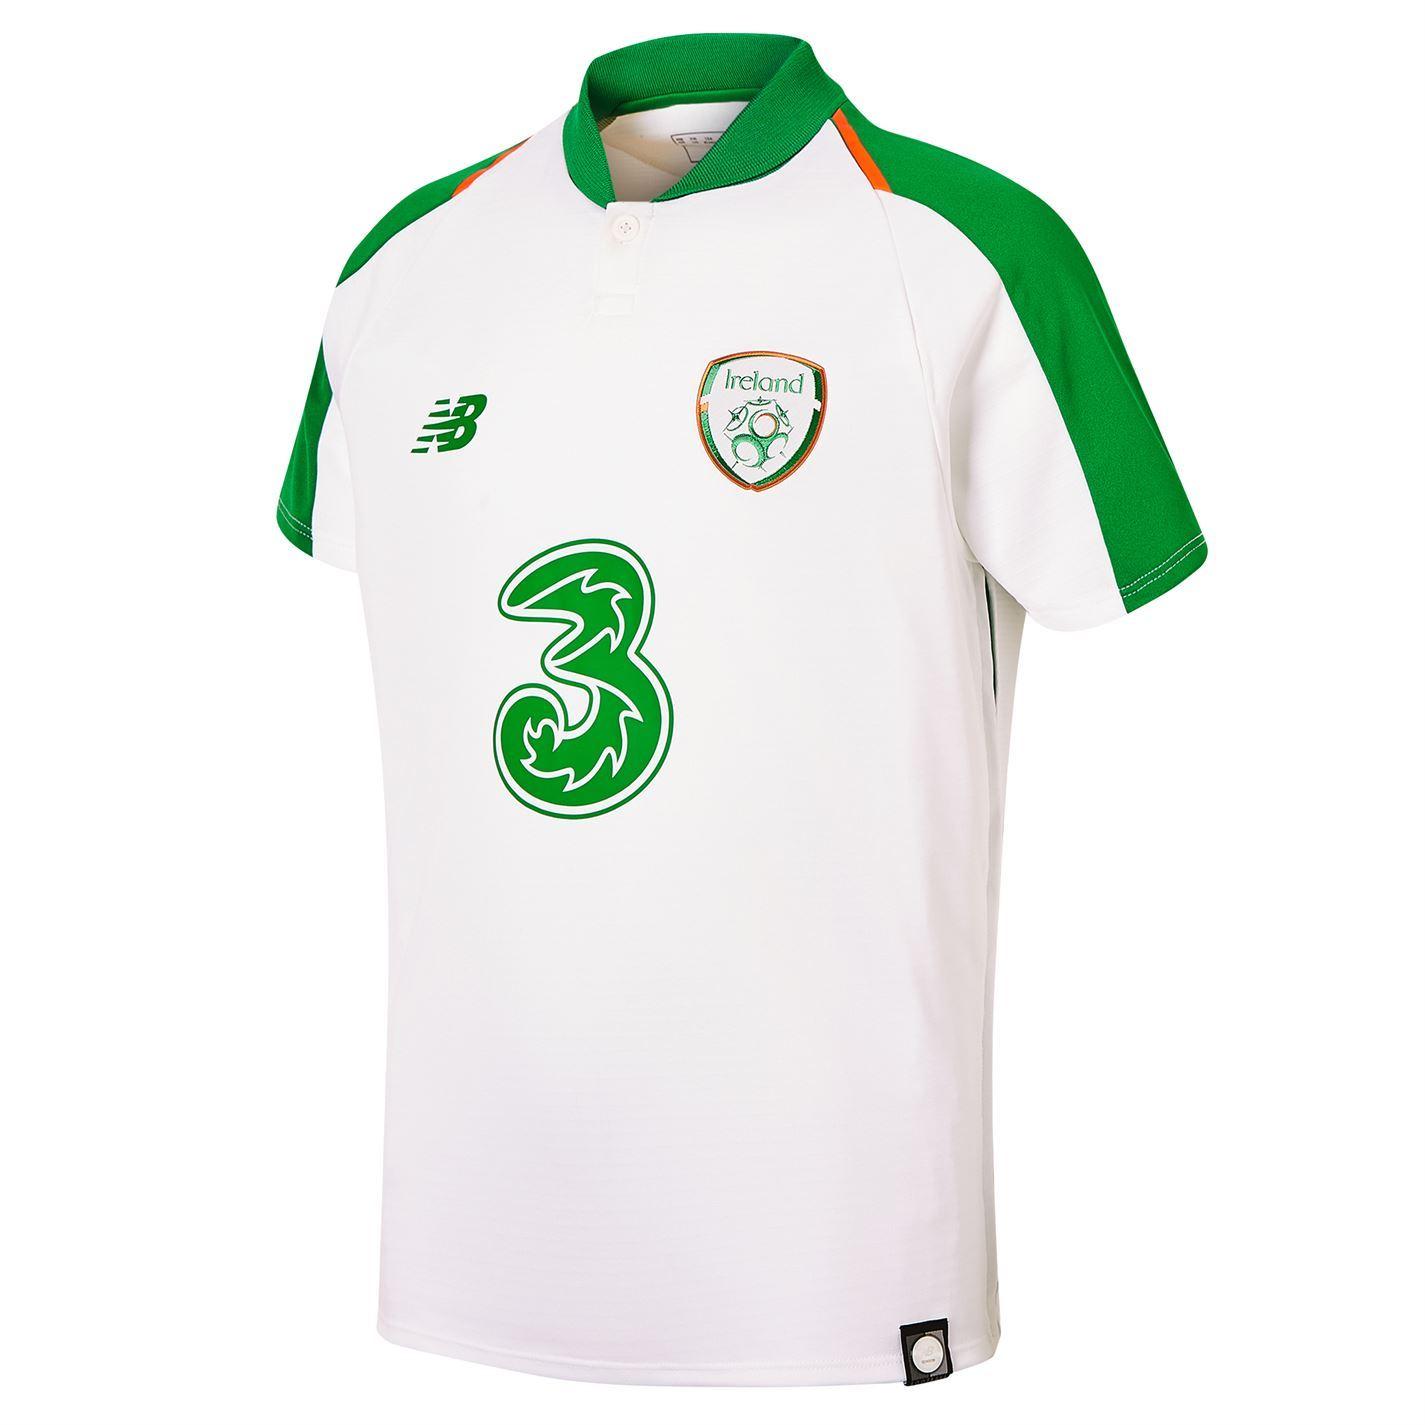 innovative design a1a03 af7d6 Details about New Balance Ireland Away Jersey 2018-19 Juniors White  Football Soccer Shirt Top